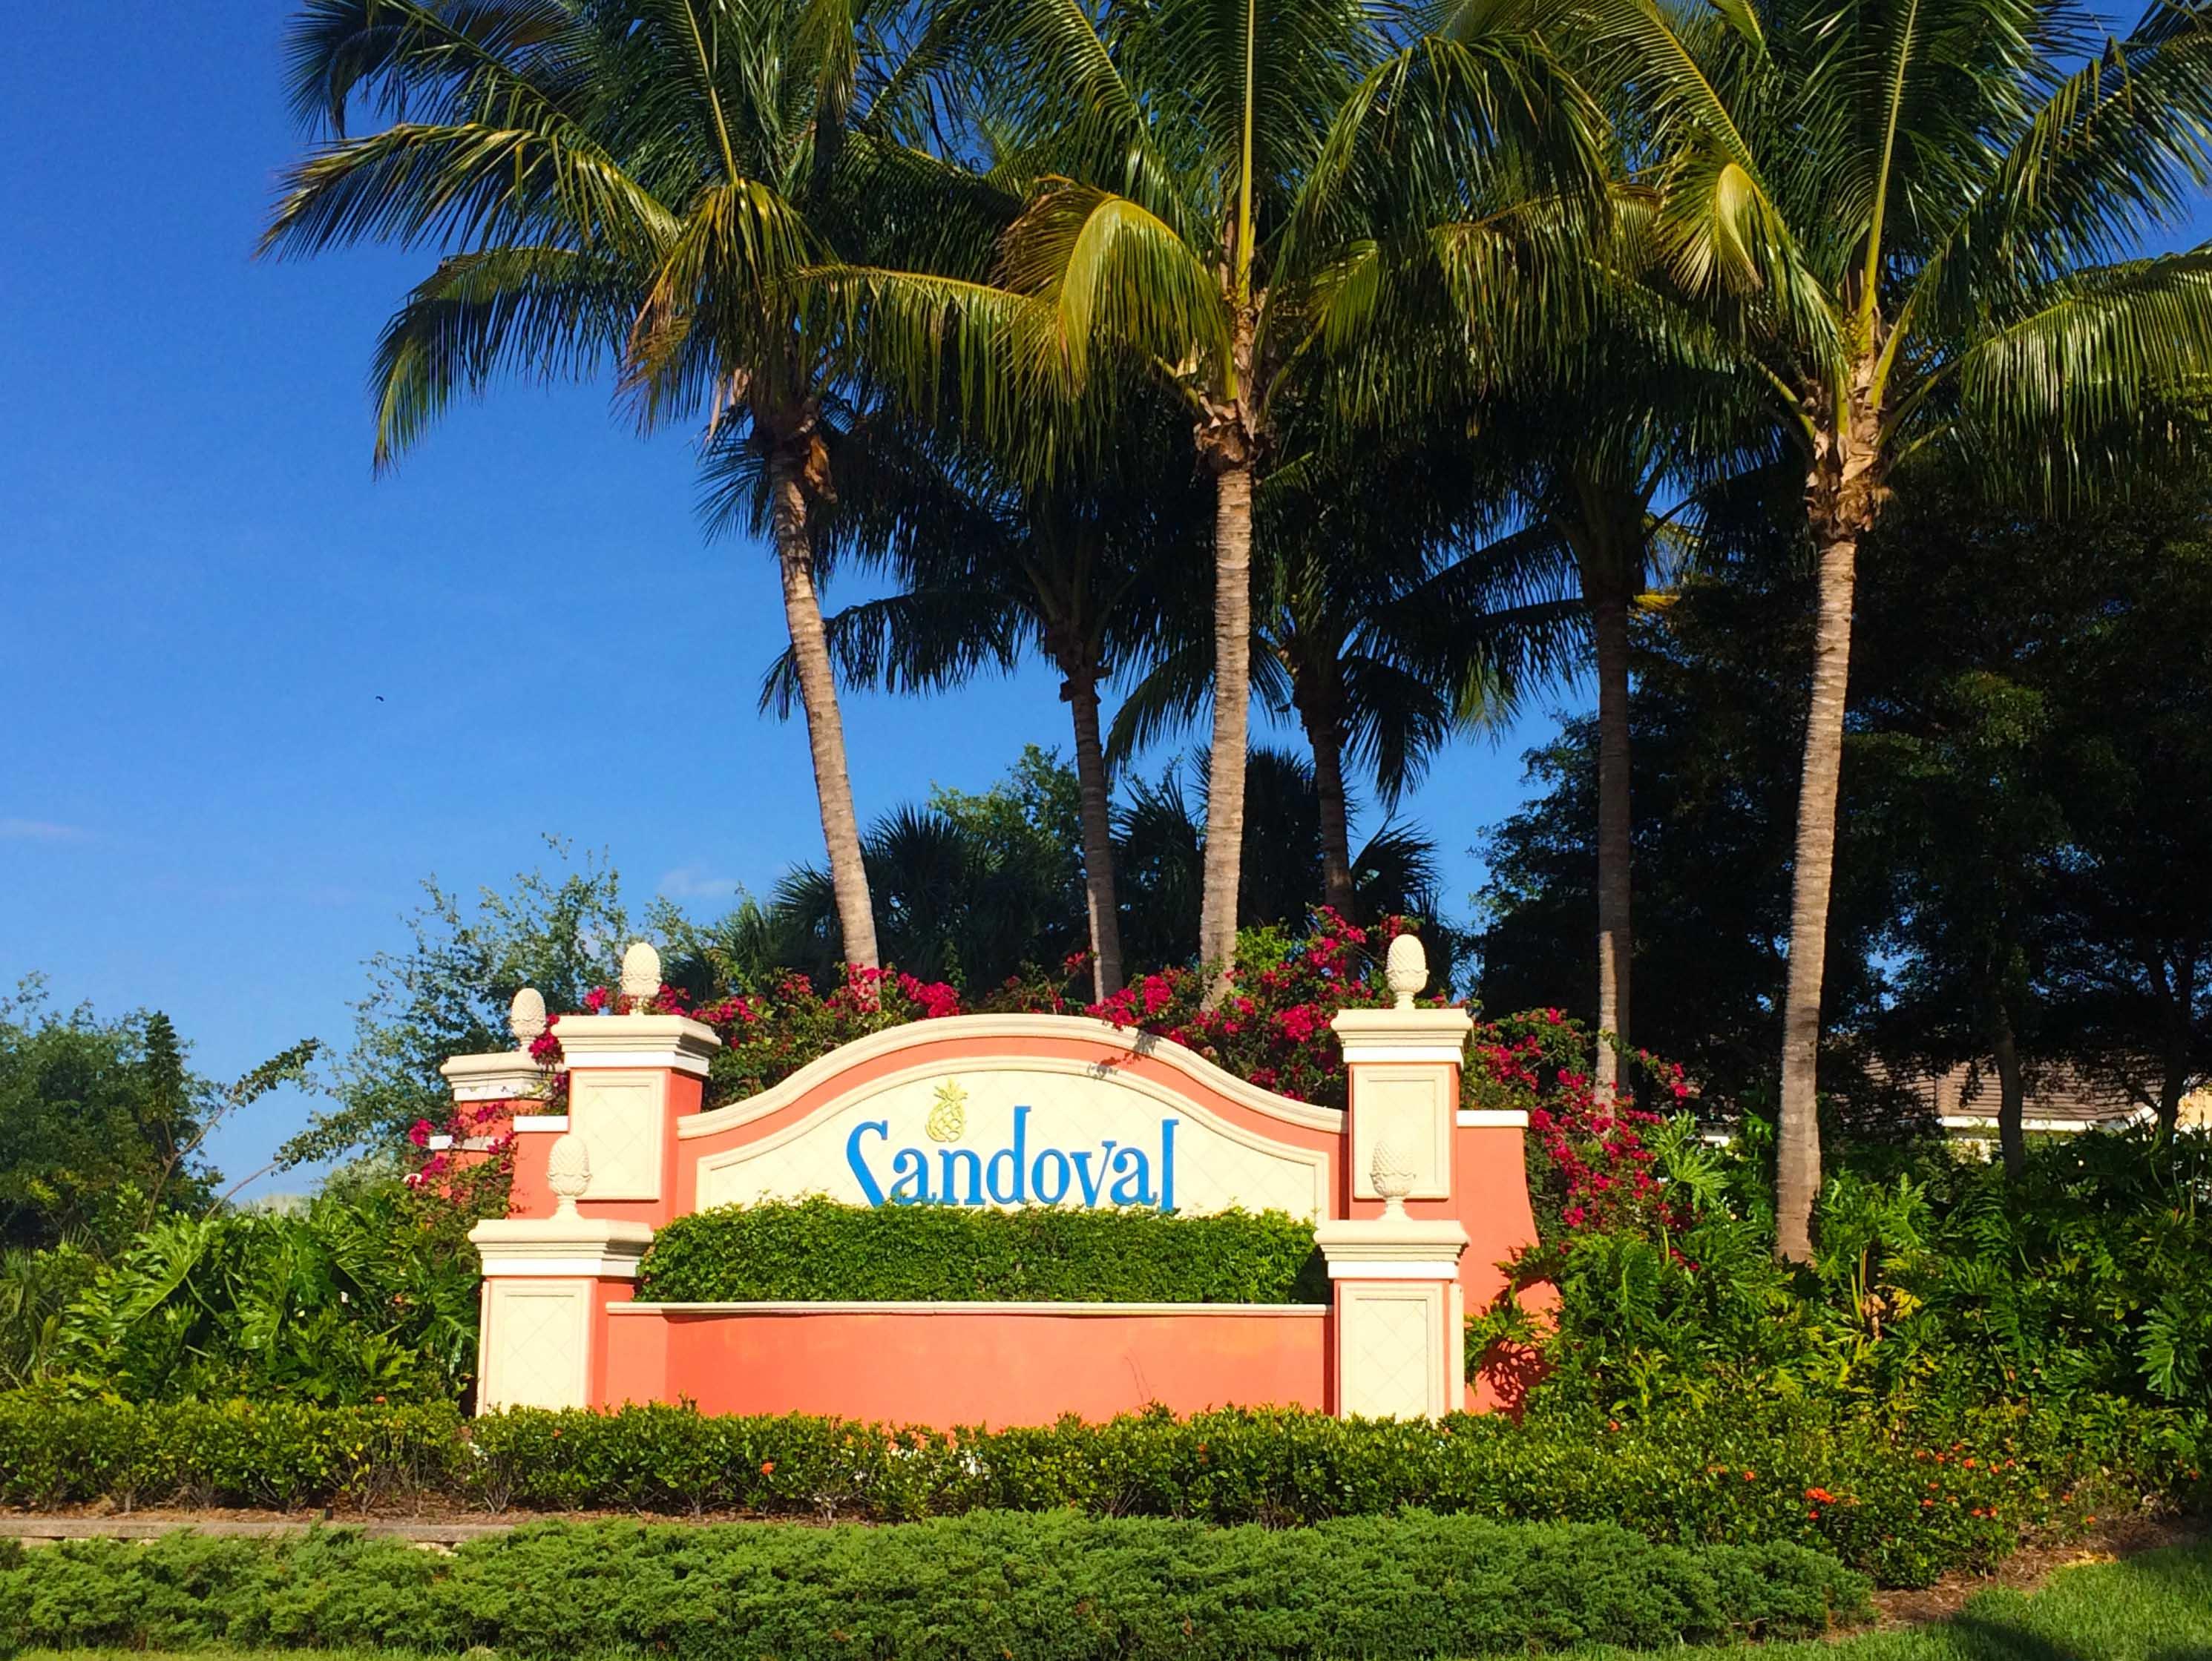 cape-coral-real-estate-sandoval-front-entrance.jpg